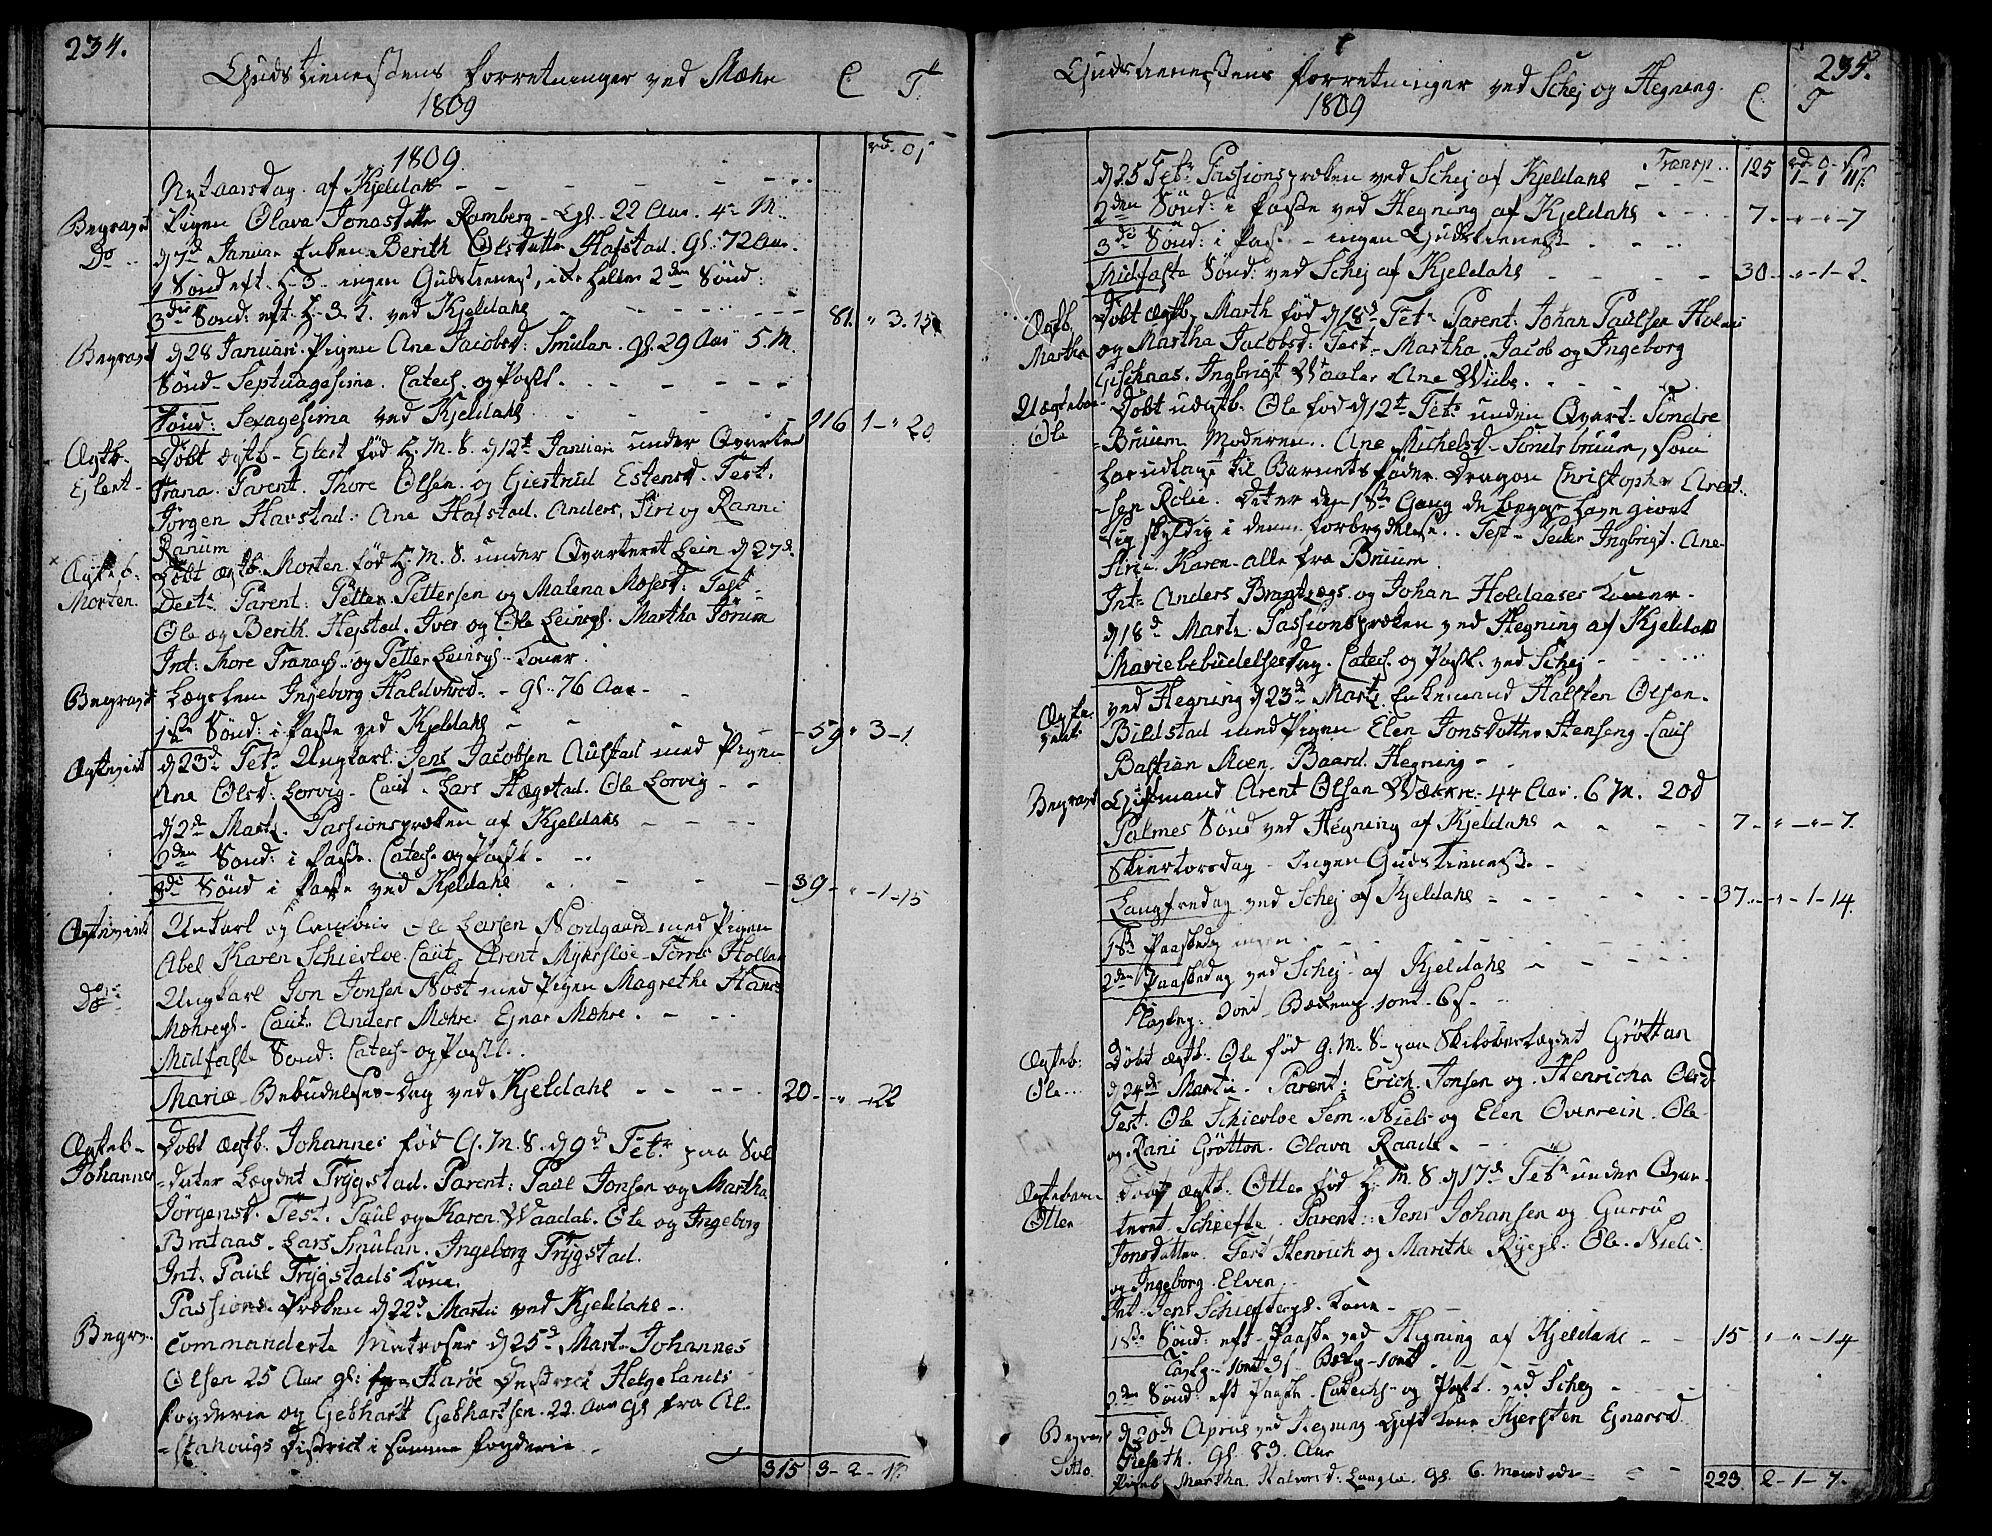 SAT, Ministerialprotokoller, klokkerbøker og fødselsregistre - Nord-Trøndelag, 735/L0332: Ministerialbok nr. 735A03, 1795-1816, s. 234-235